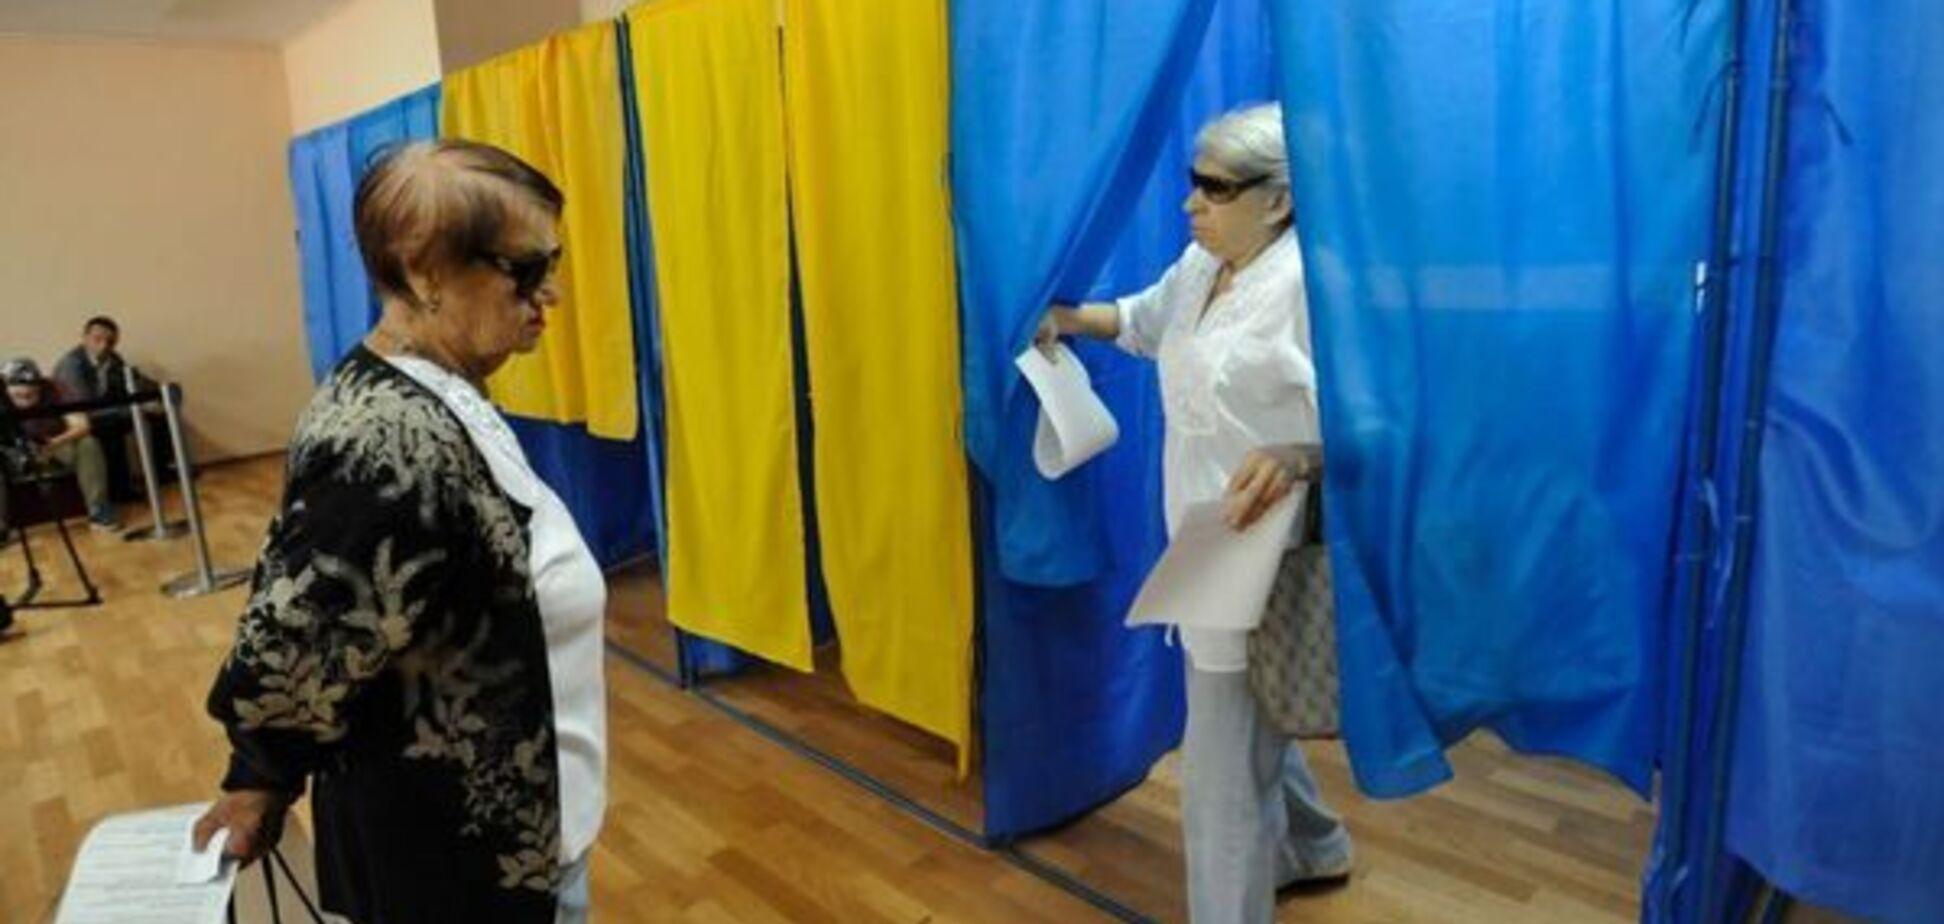 'Блуждаем во тьме!' Российский политолог сравнил выборы в Украине и РФ